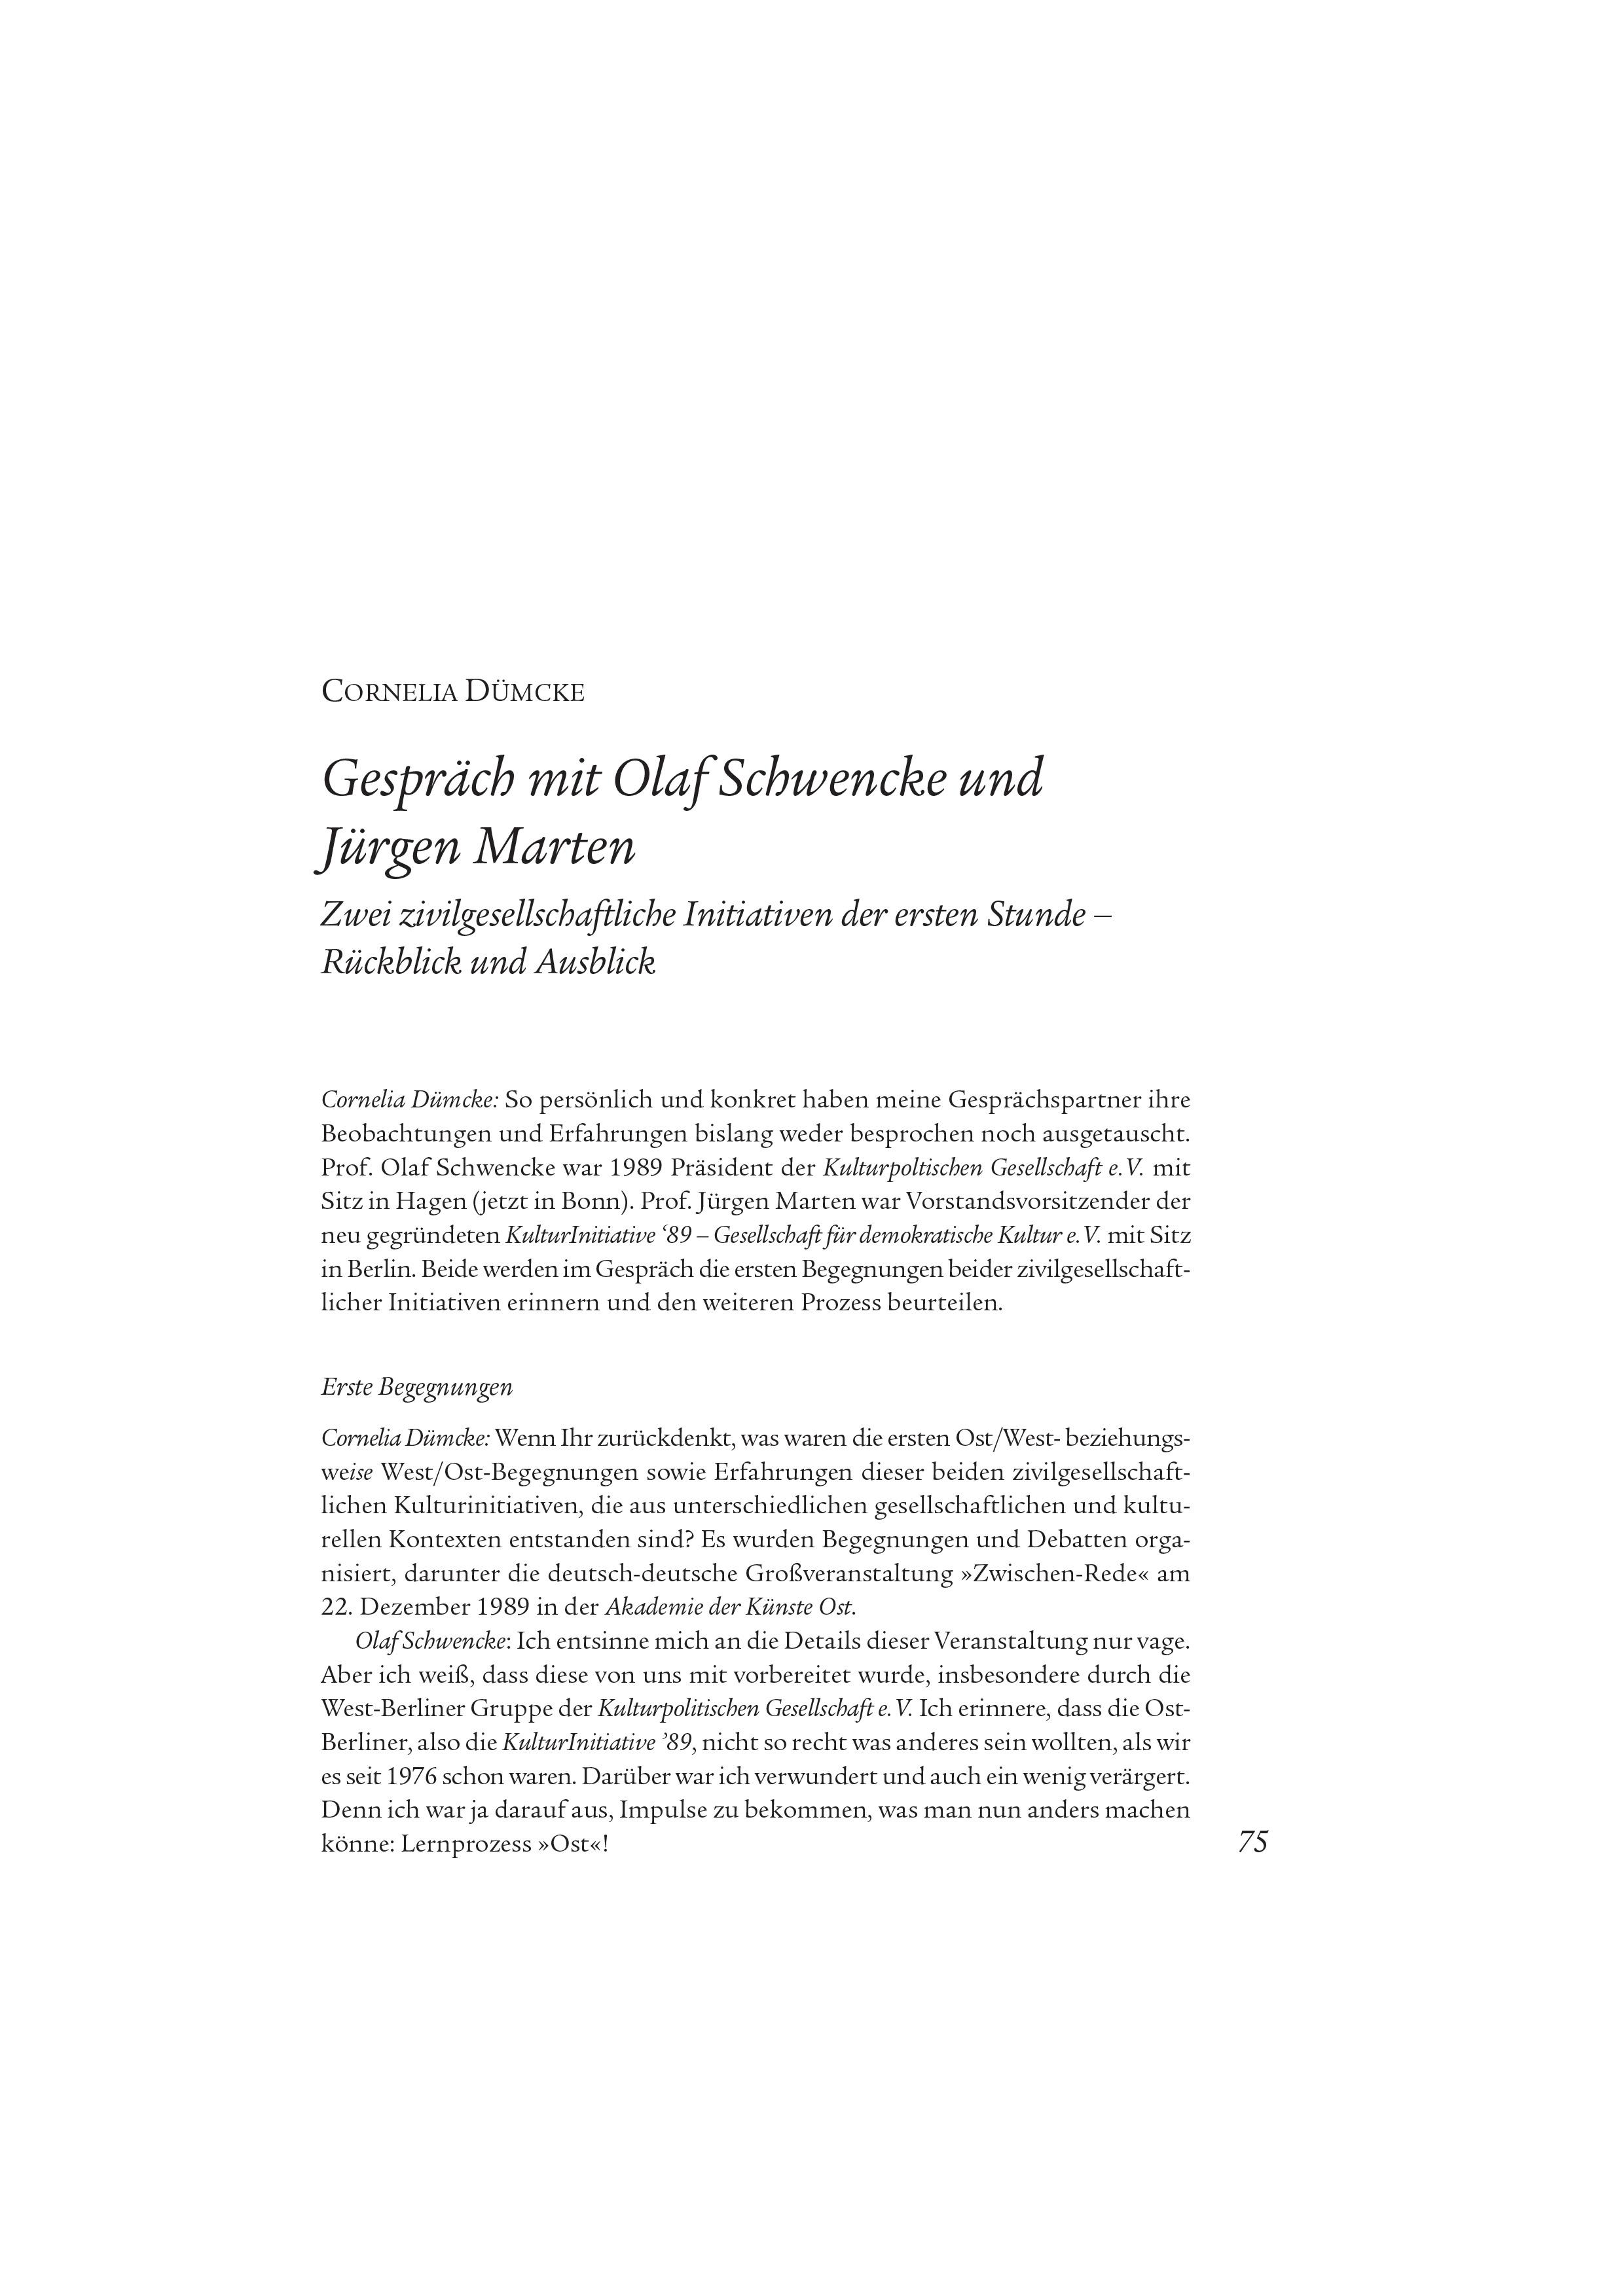 2016_Cornelia Dümcke_Interview_Jahrbuch für Kulturpolitik-1.jpg